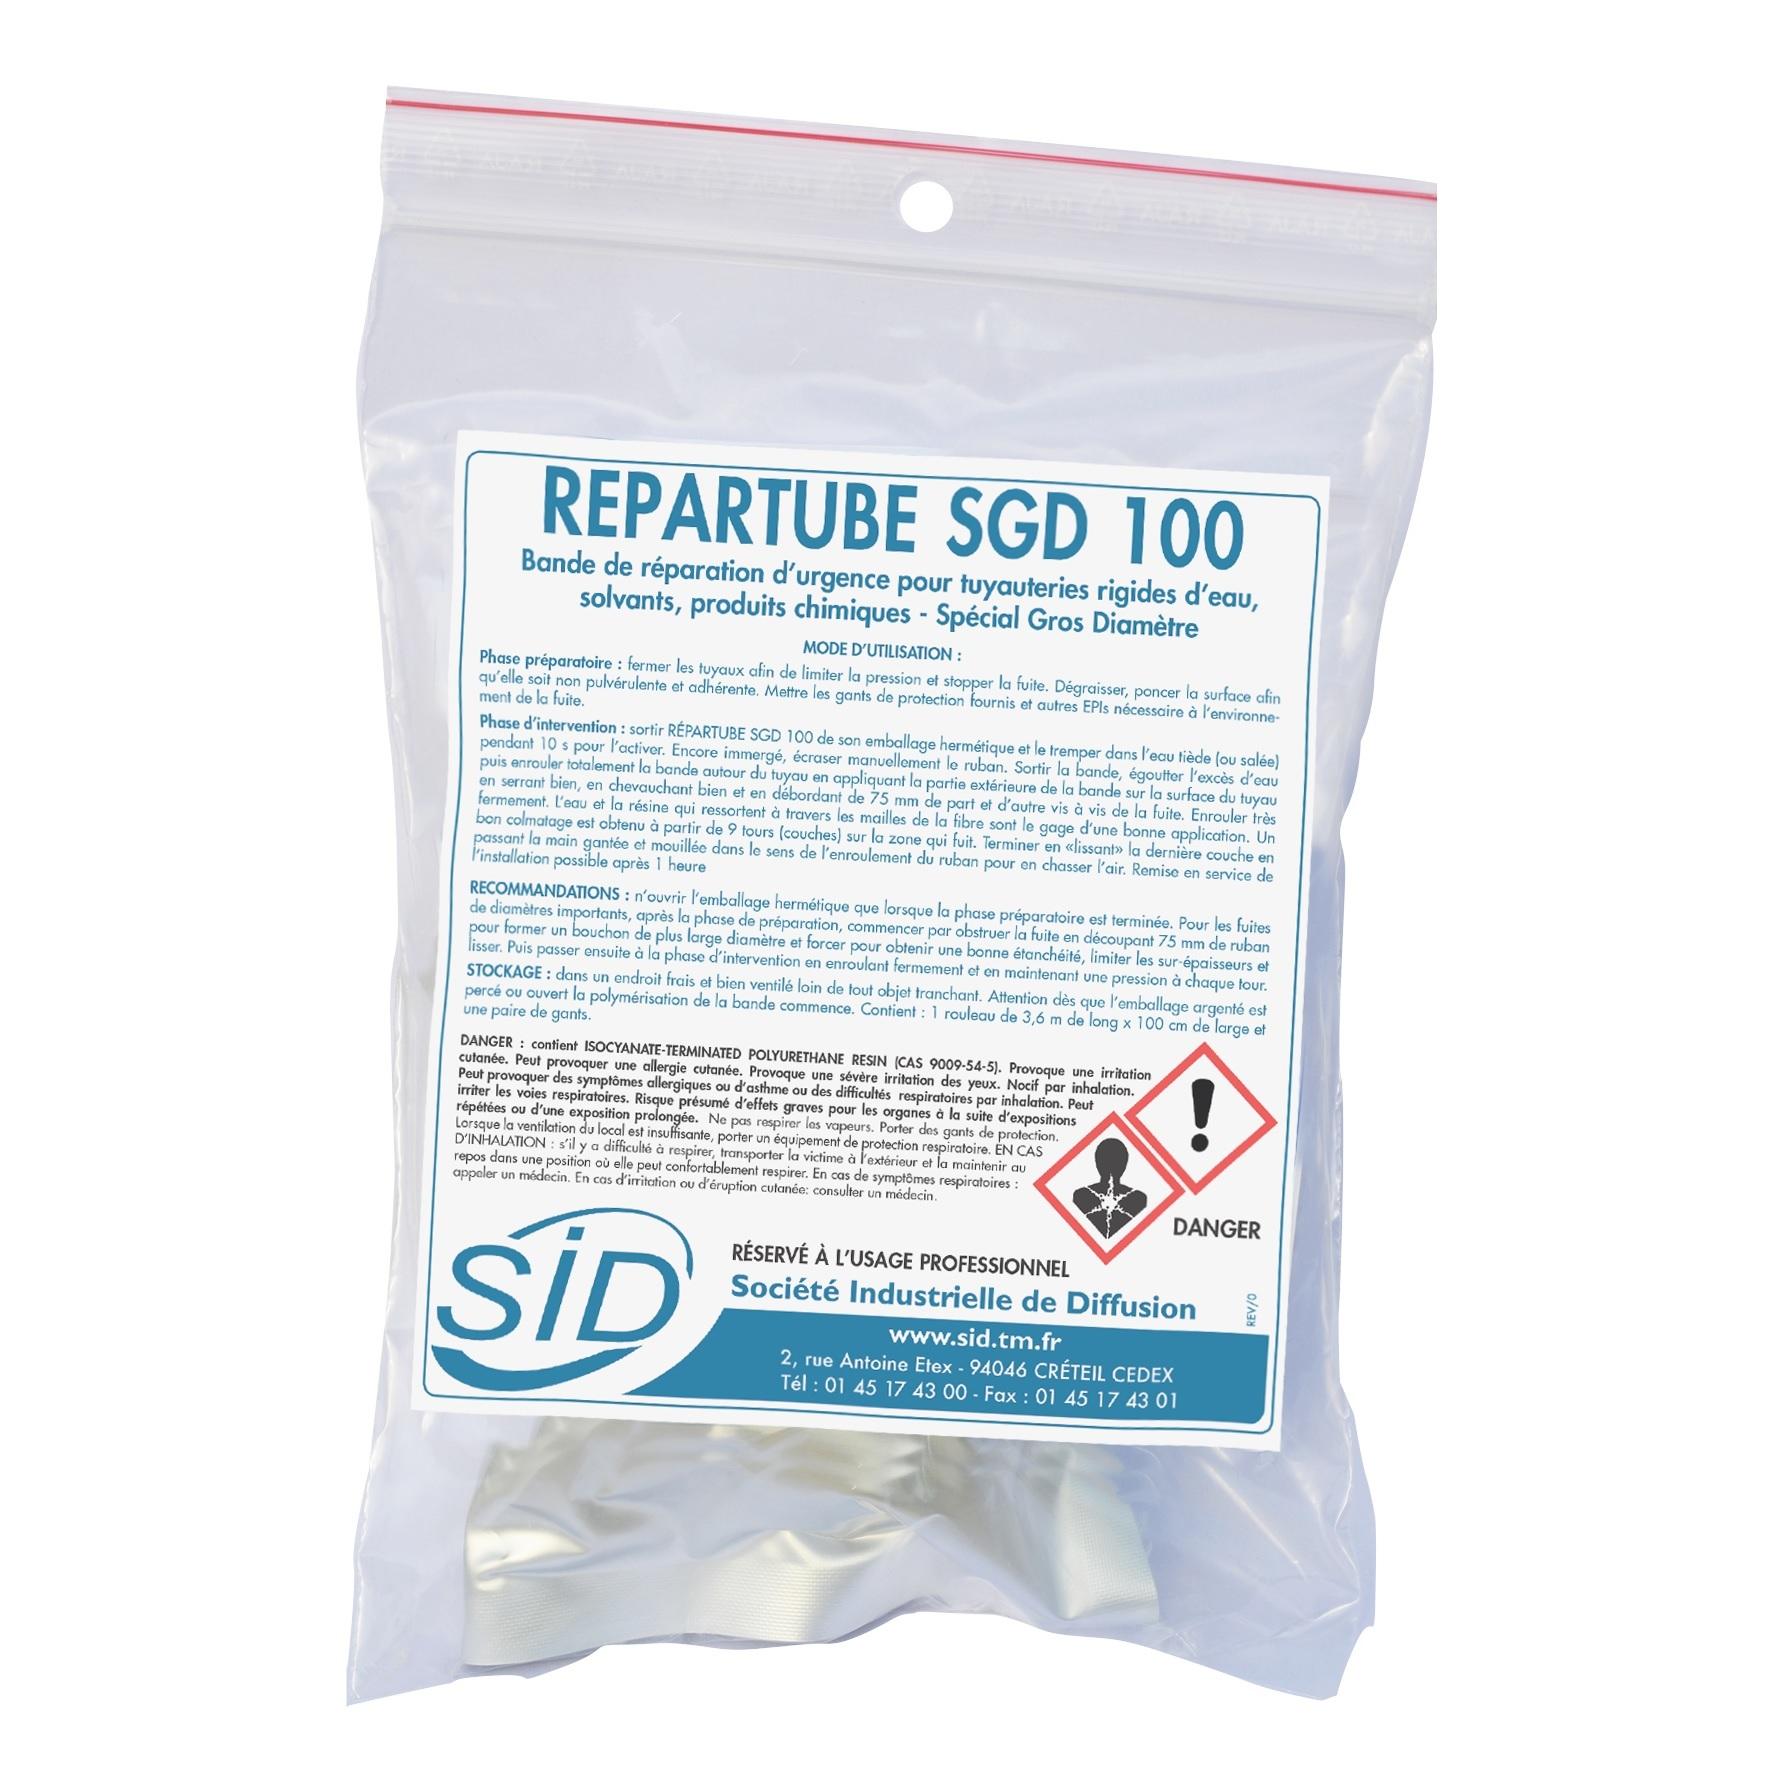 Repartube_SGD_100.tif.jpg